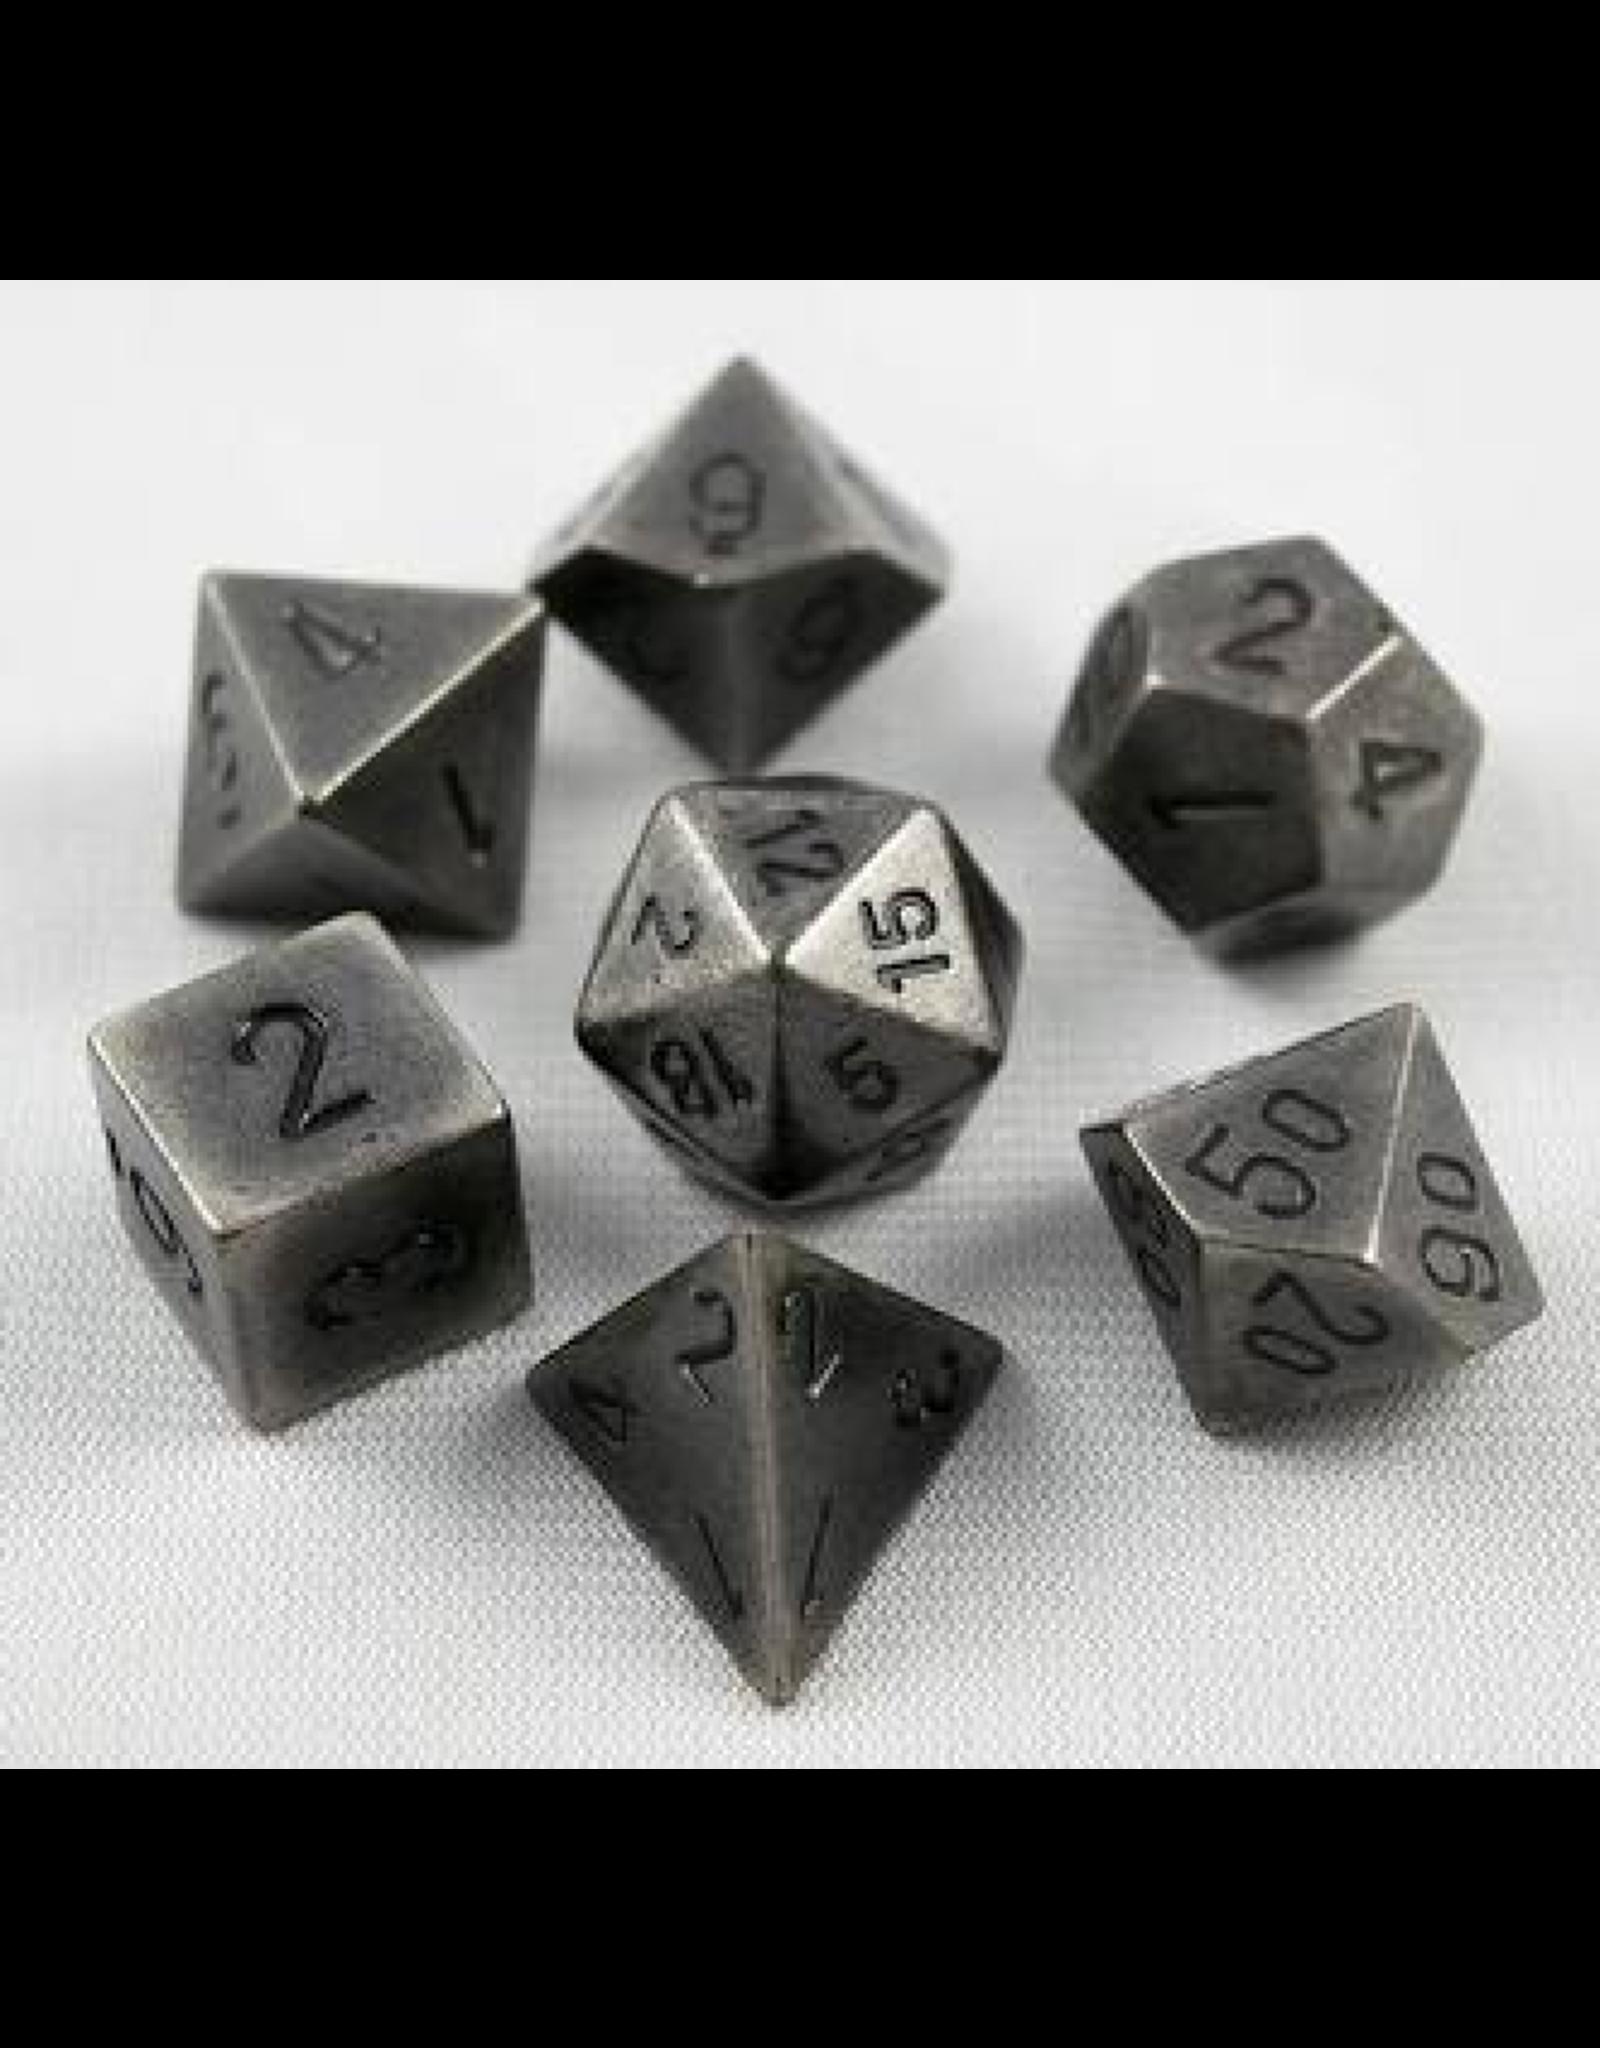 Chessex 7-Set Polyhedral metal: Dark Metal